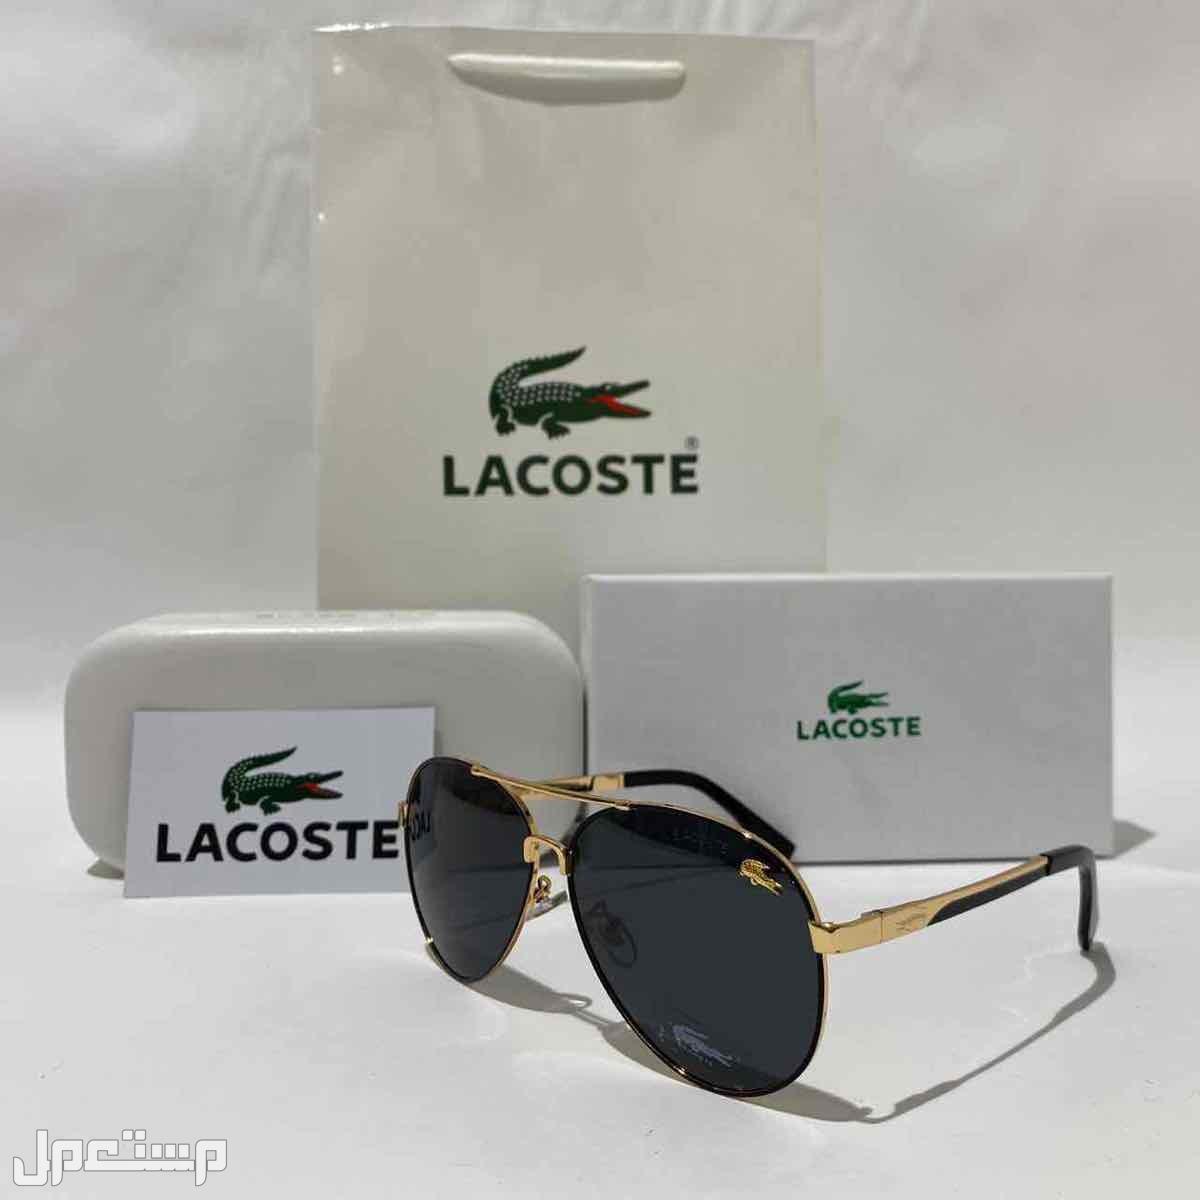 نظارات ماركات مختلفه مونت بلانك لاكوست راي بان  كارتير